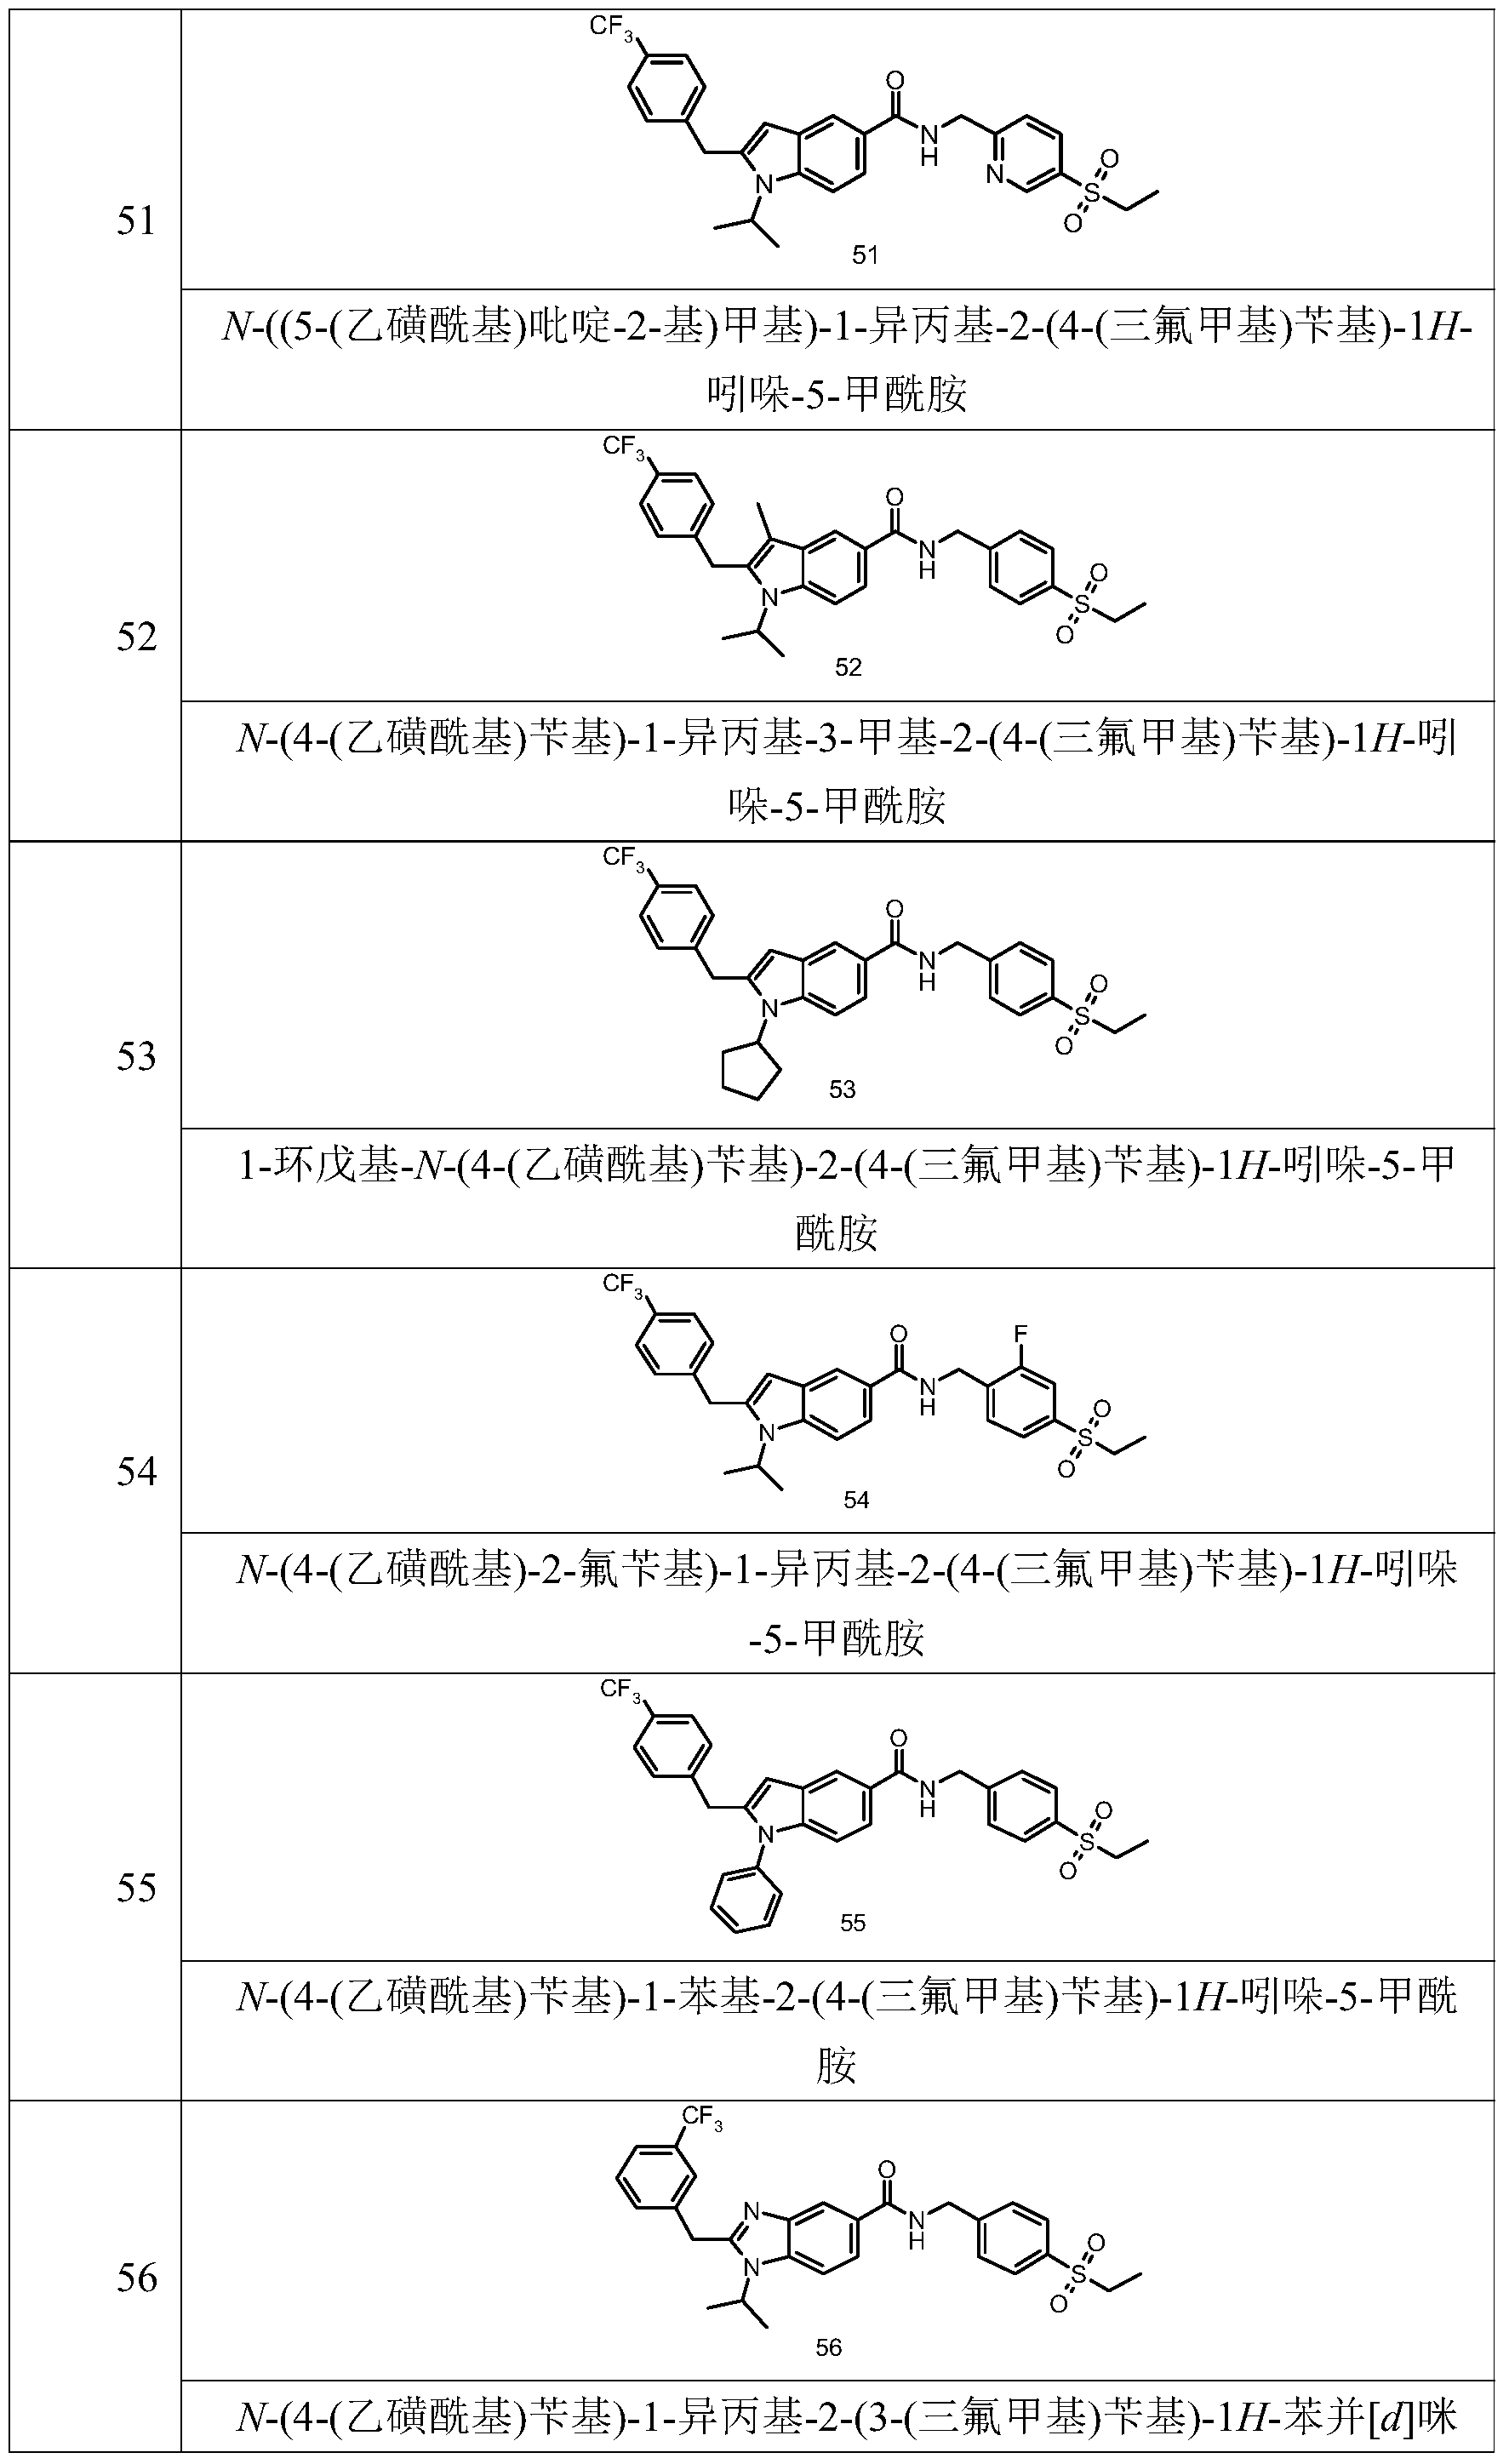 Figure PCTCN2017077114-appb-000022